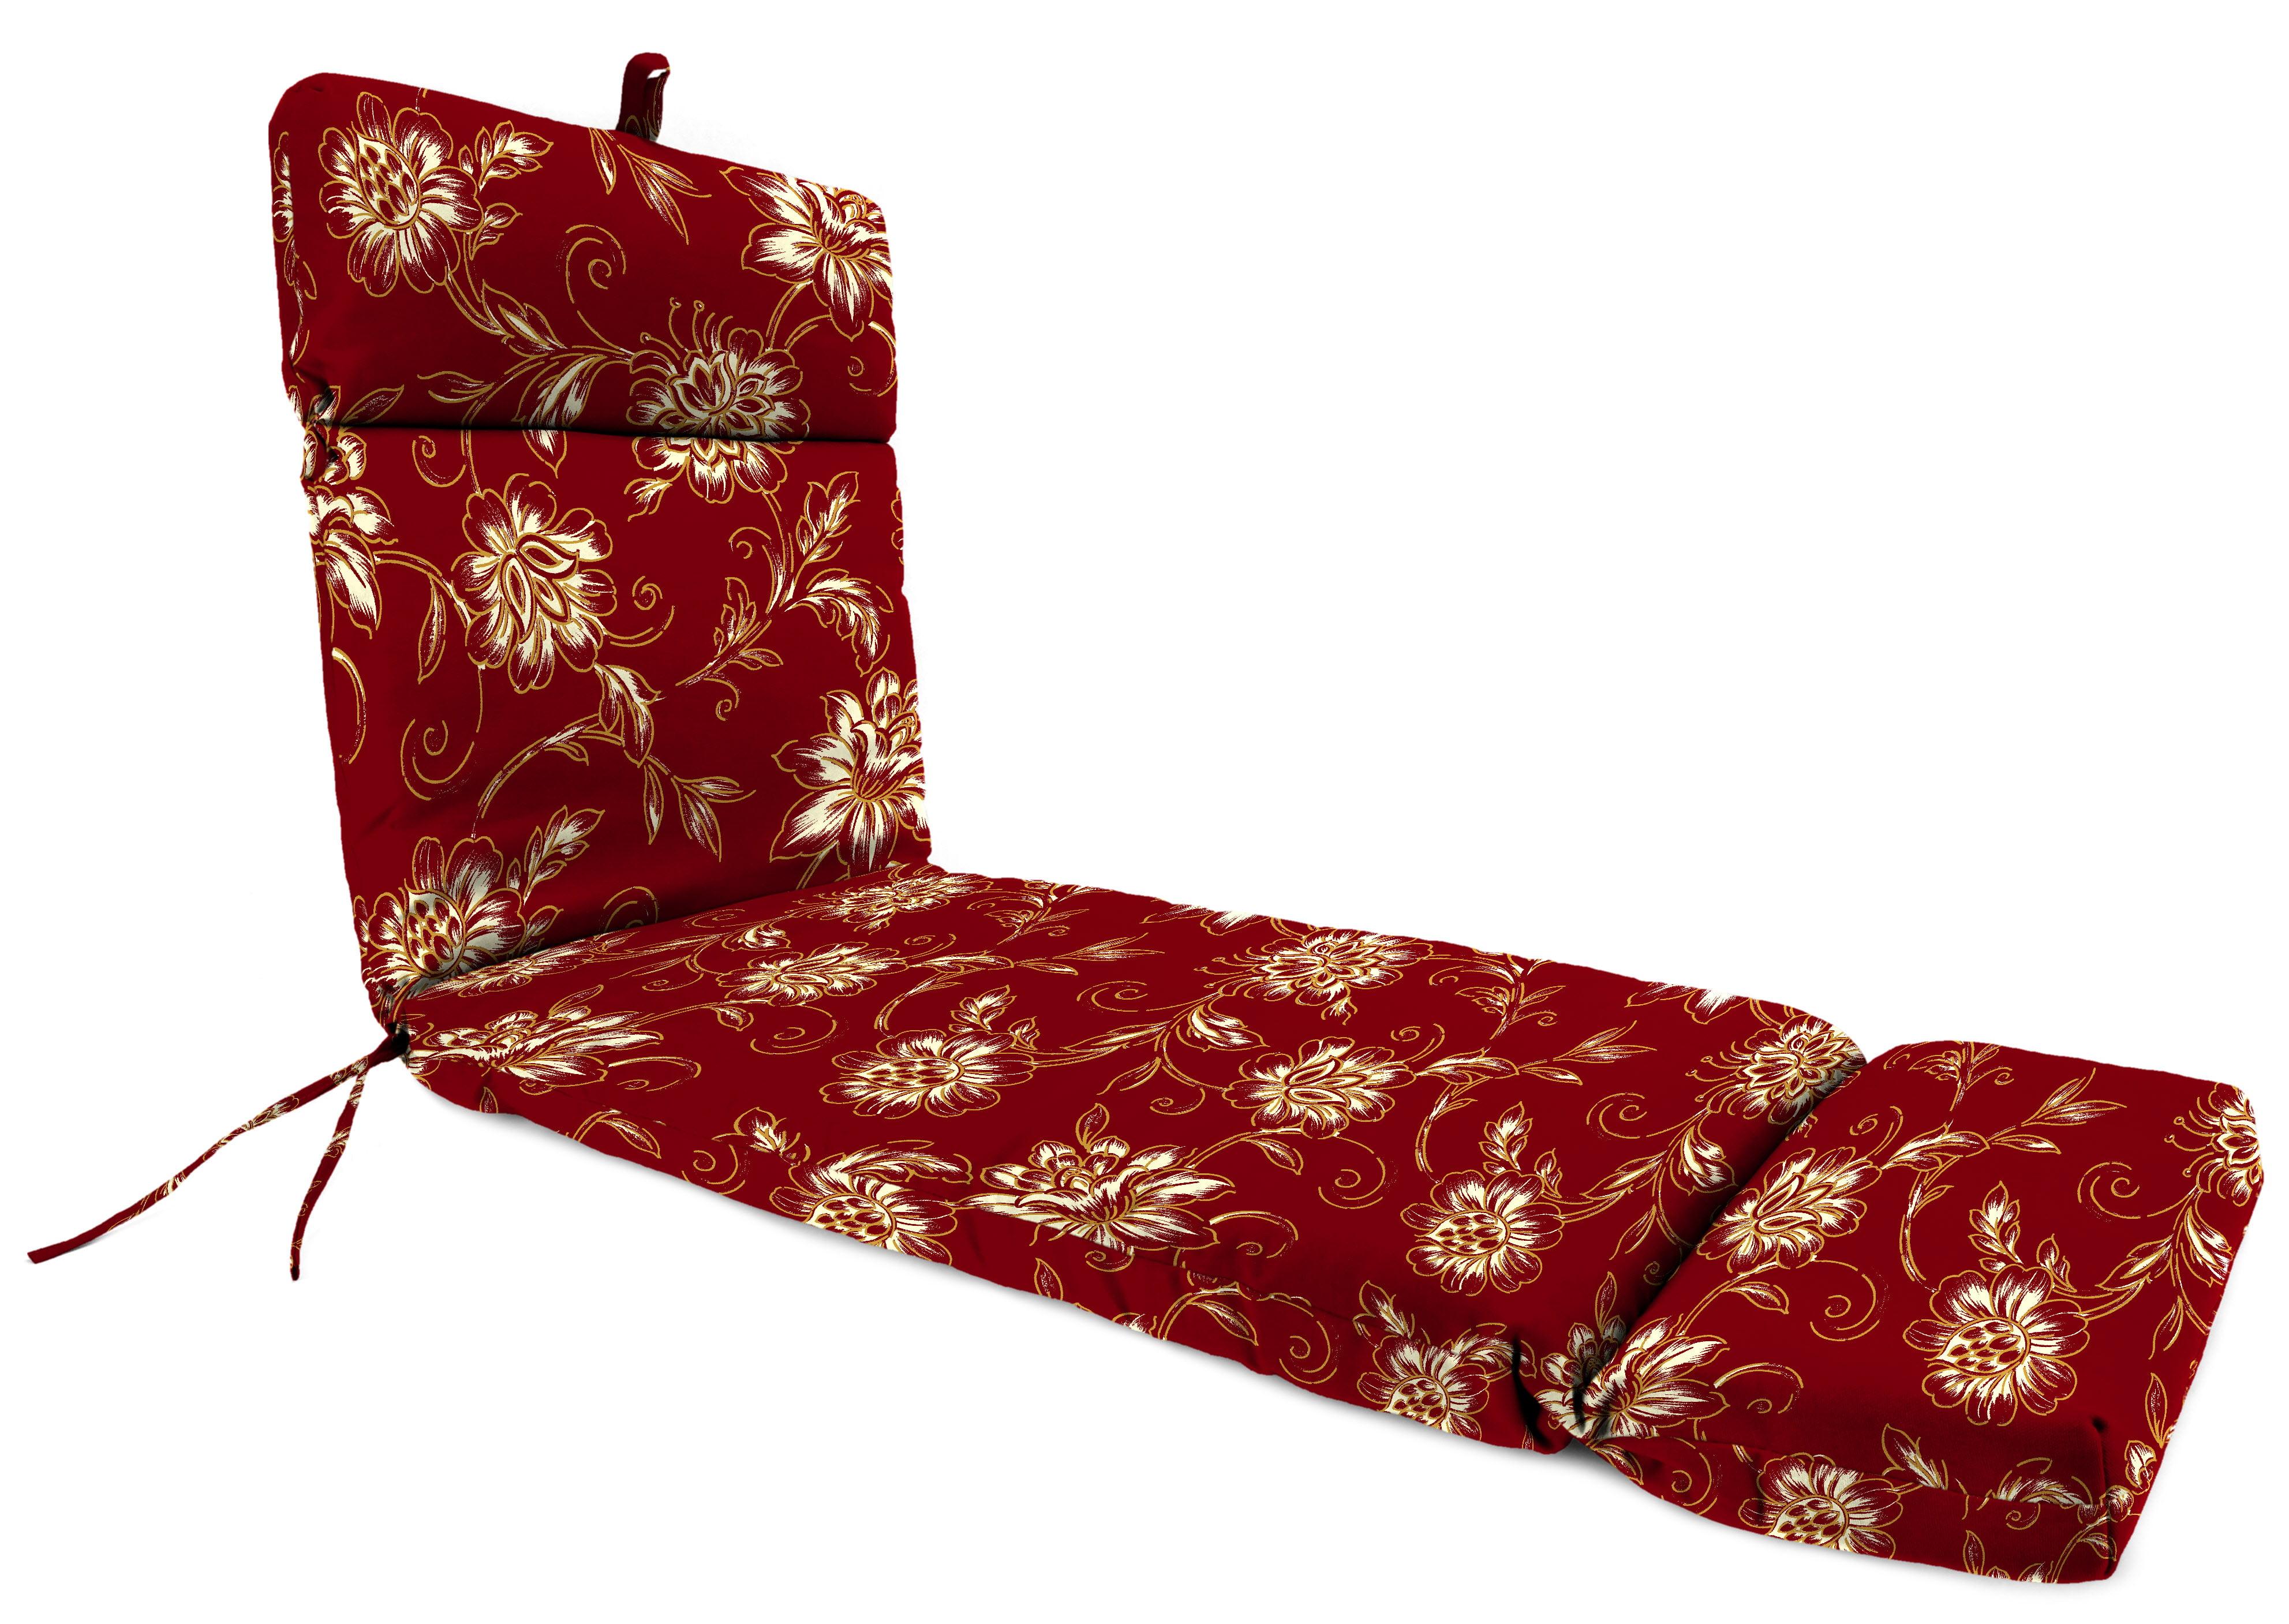 Marvelous Mainstays Aubrey Floral Outdoor Patio Chaise Lounge Cushion Creativecarmelina Interior Chair Design Creativecarmelinacom